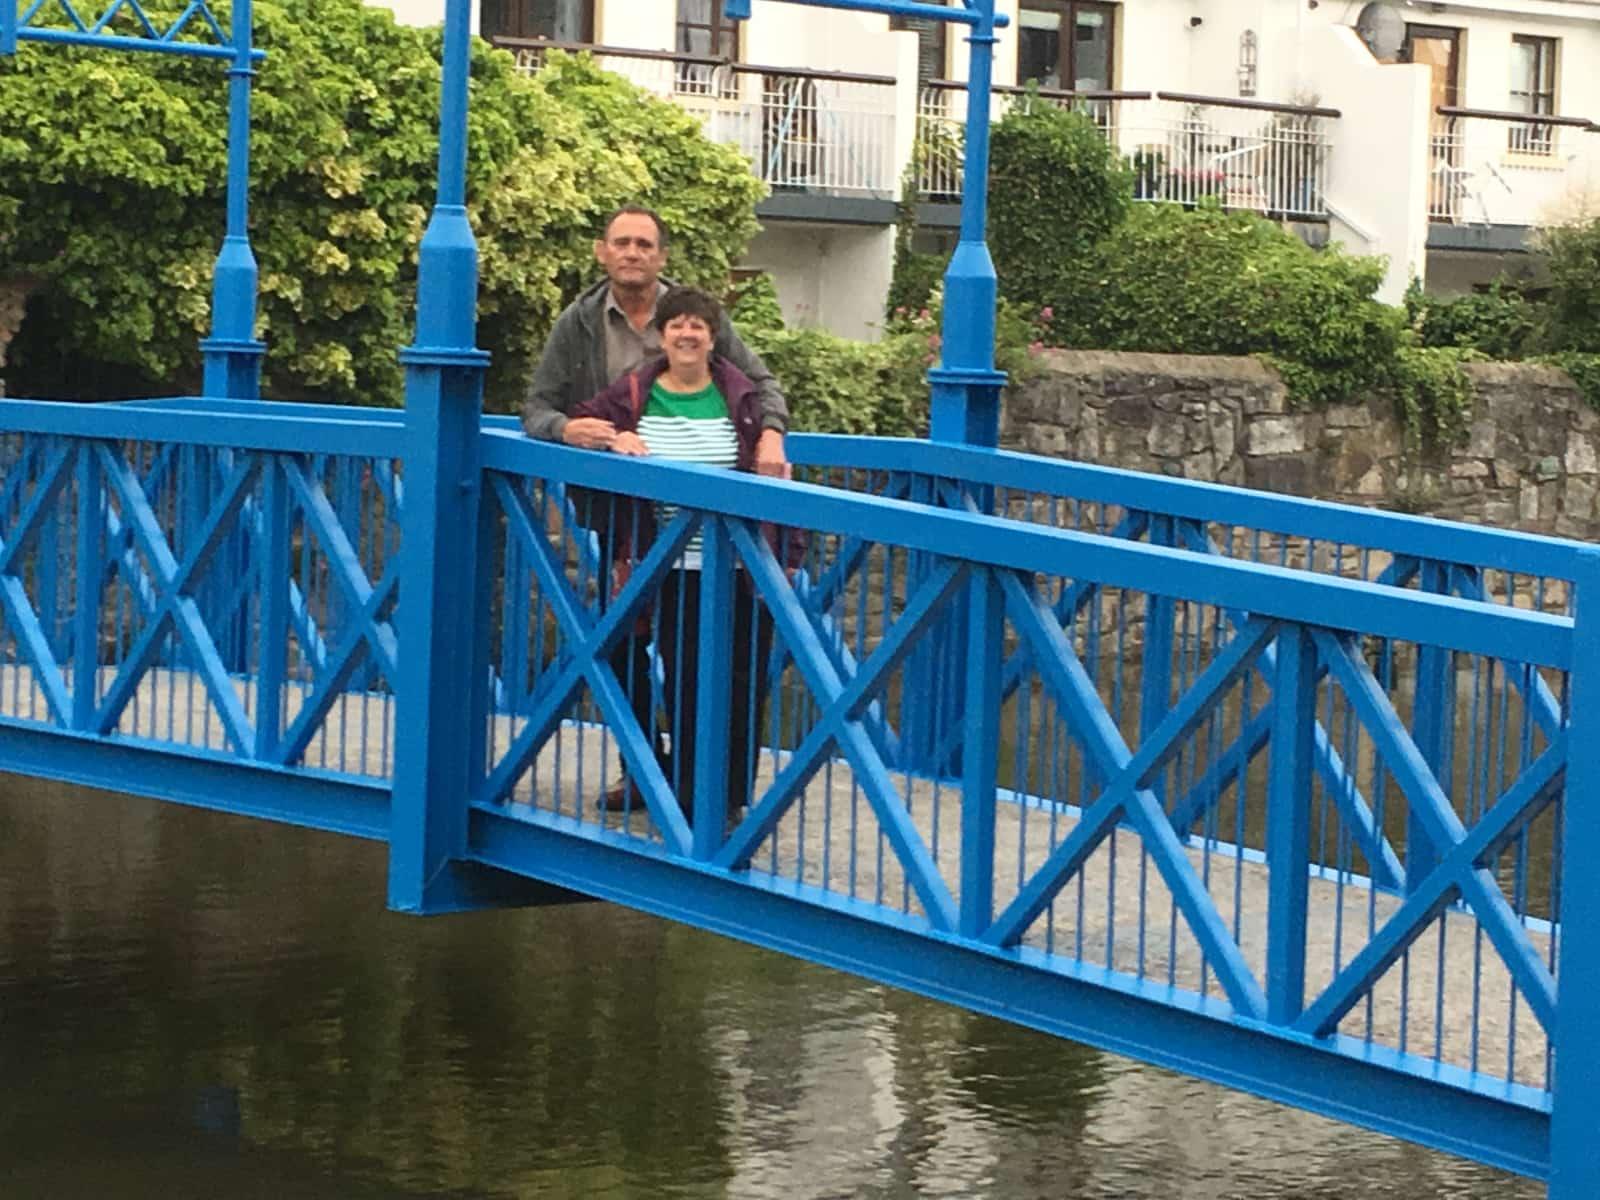 Michelle & Ian from Sligo, Ireland